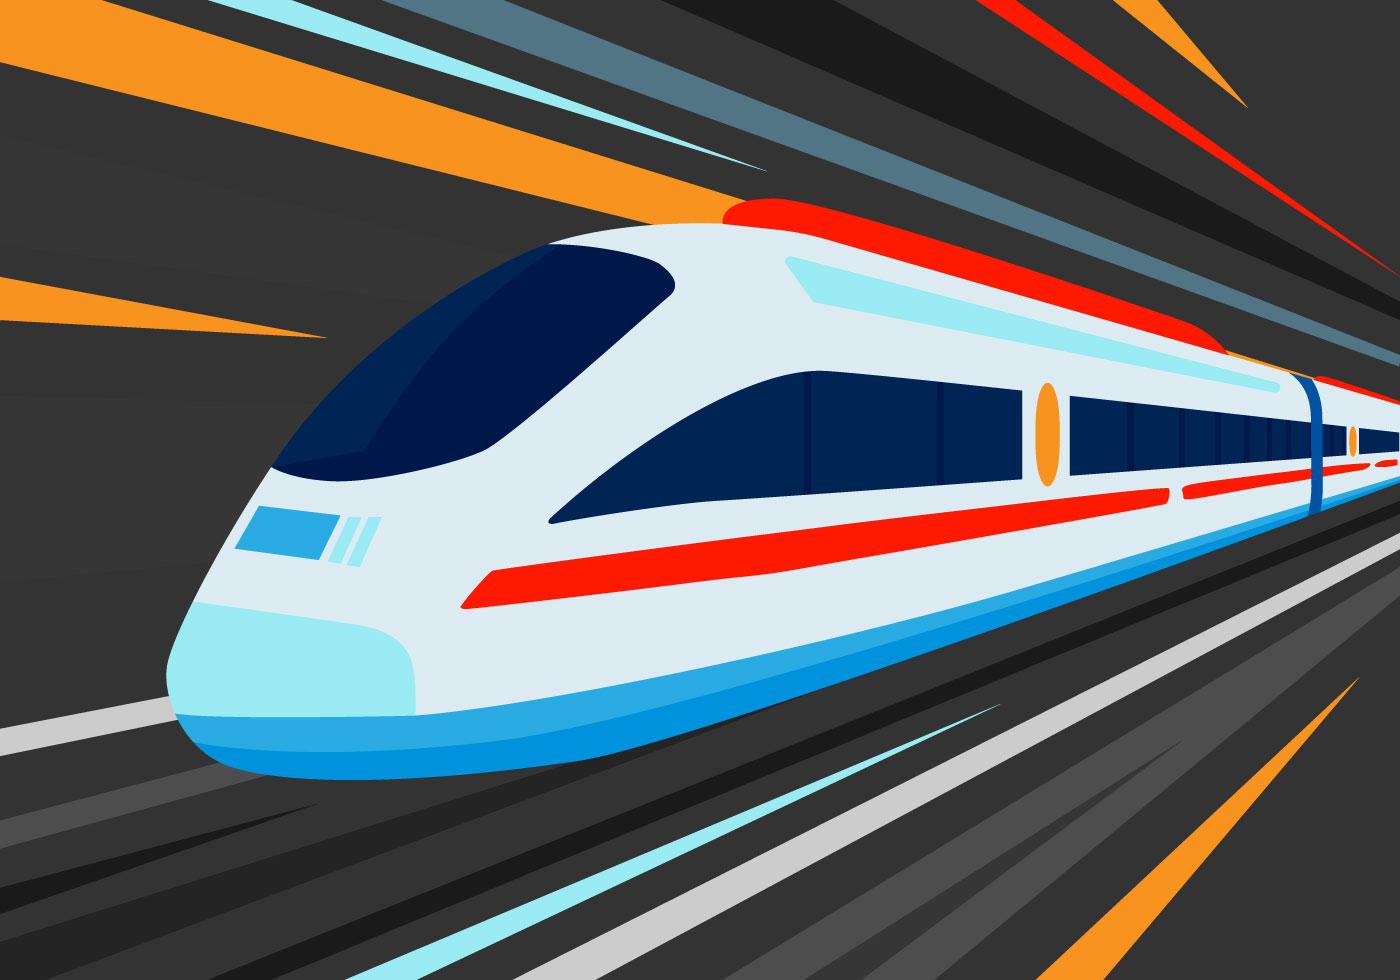 Free TGV Vector Illustration